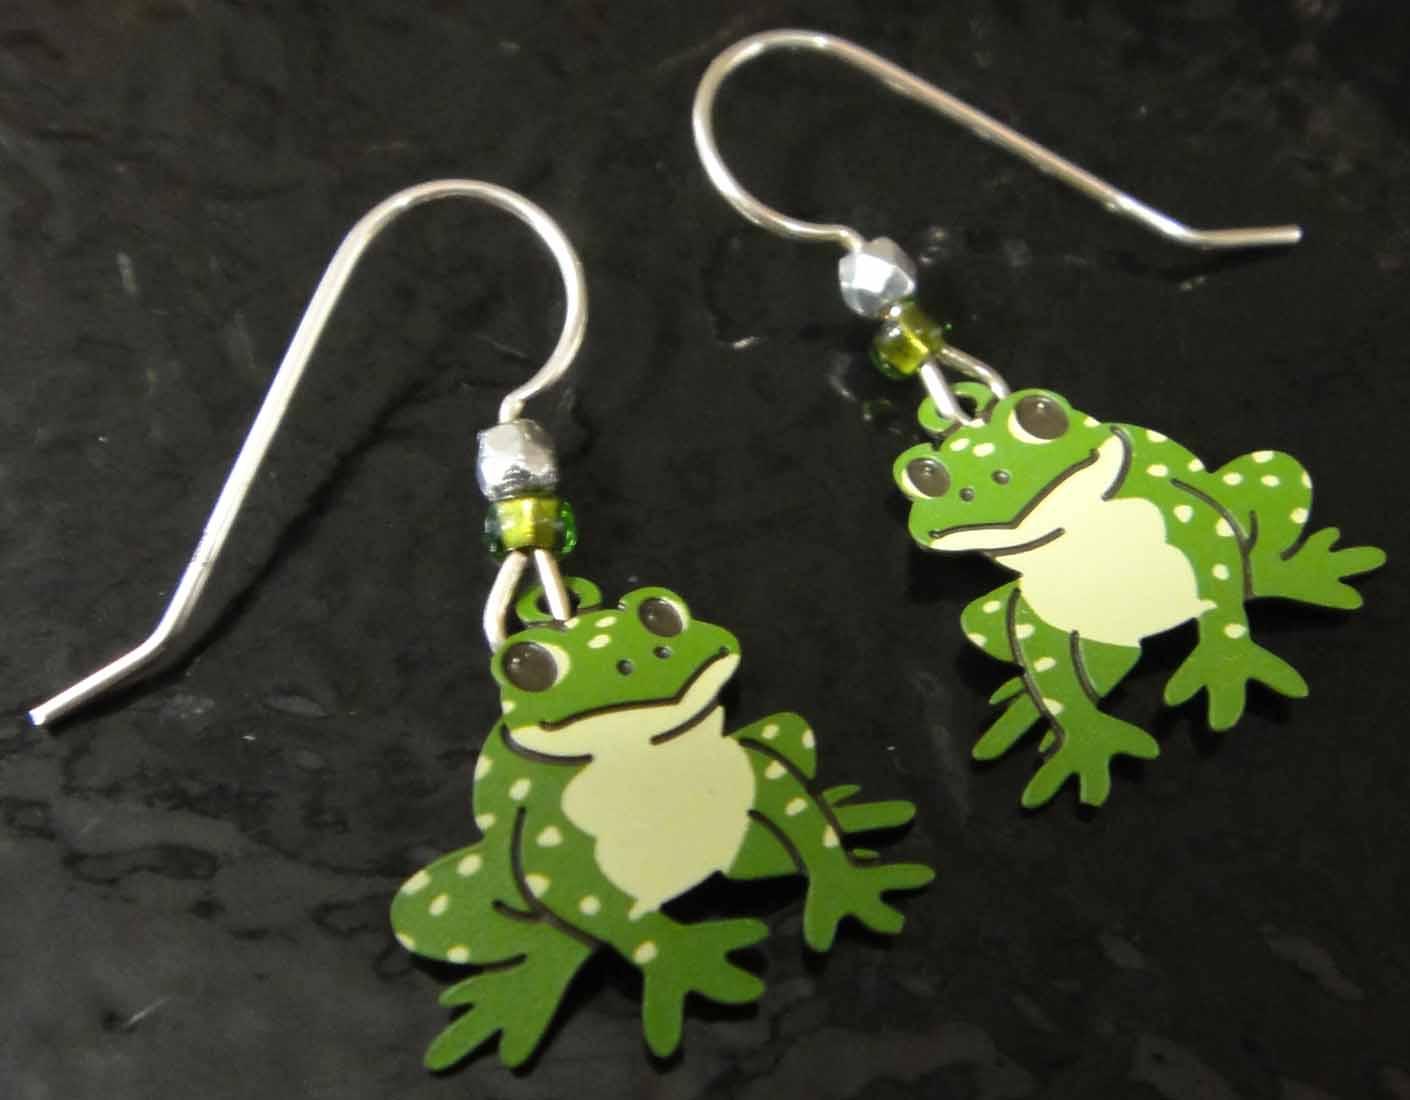 frog earrings by Sienna Sky